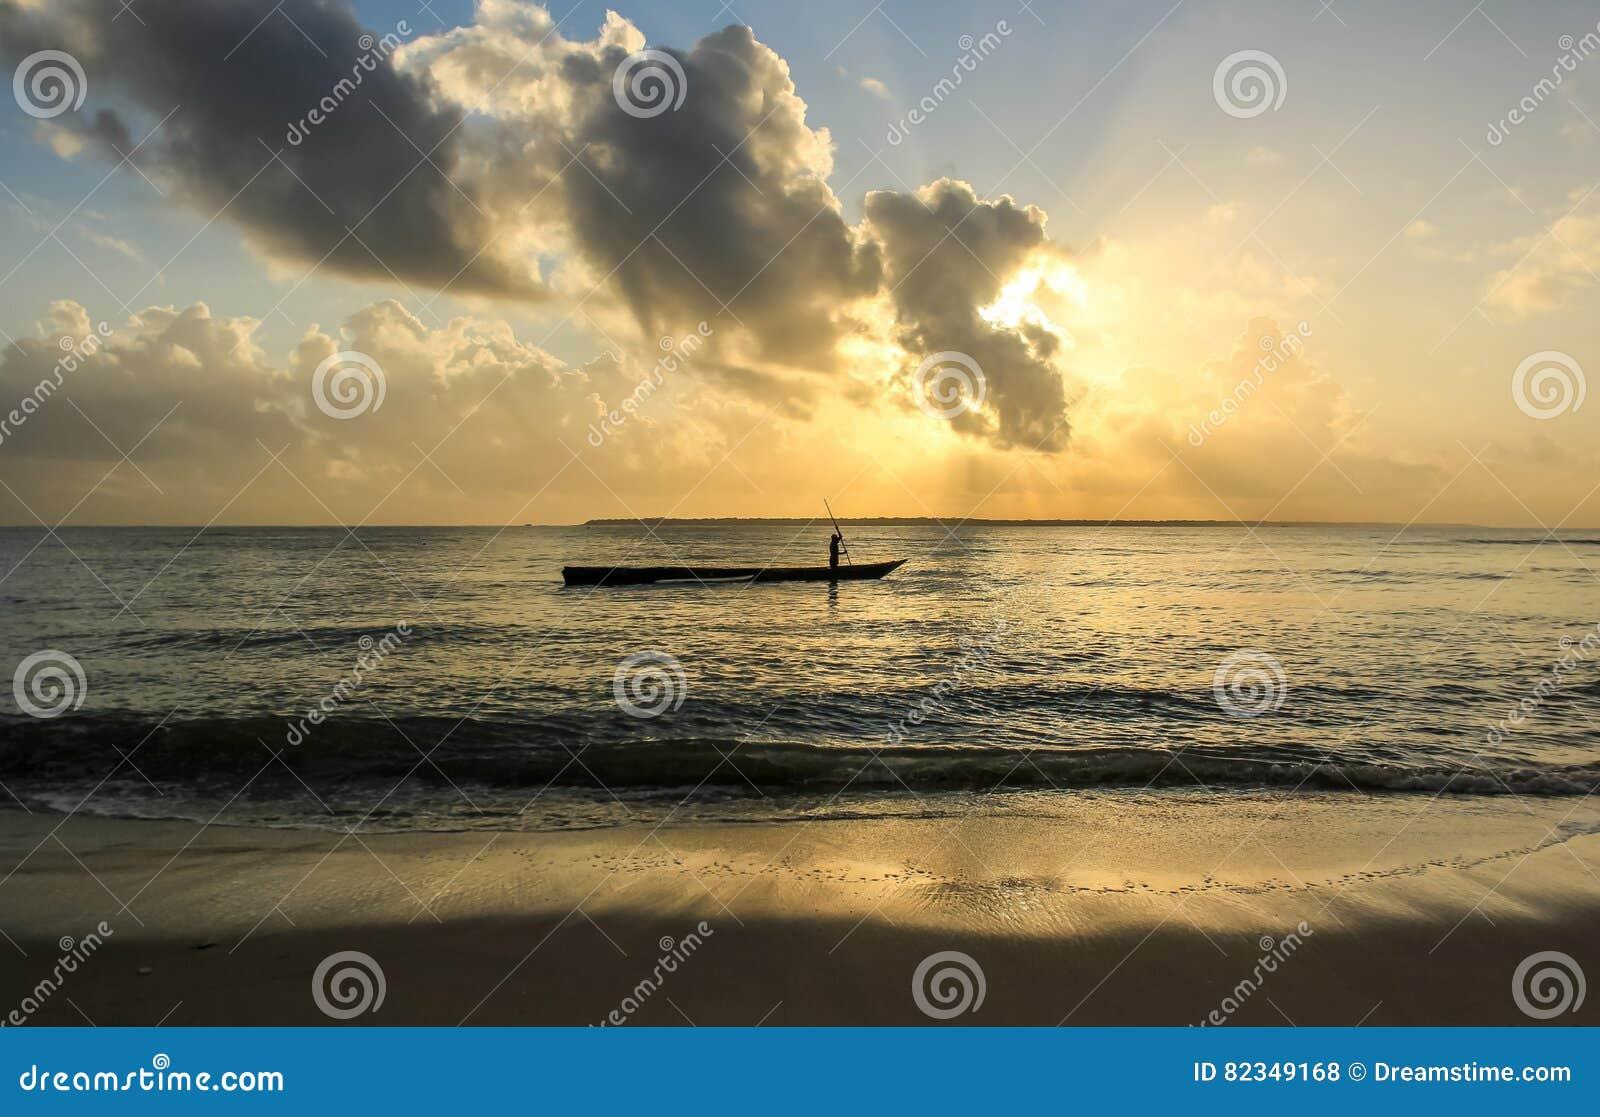 Cudowny wschód słońca